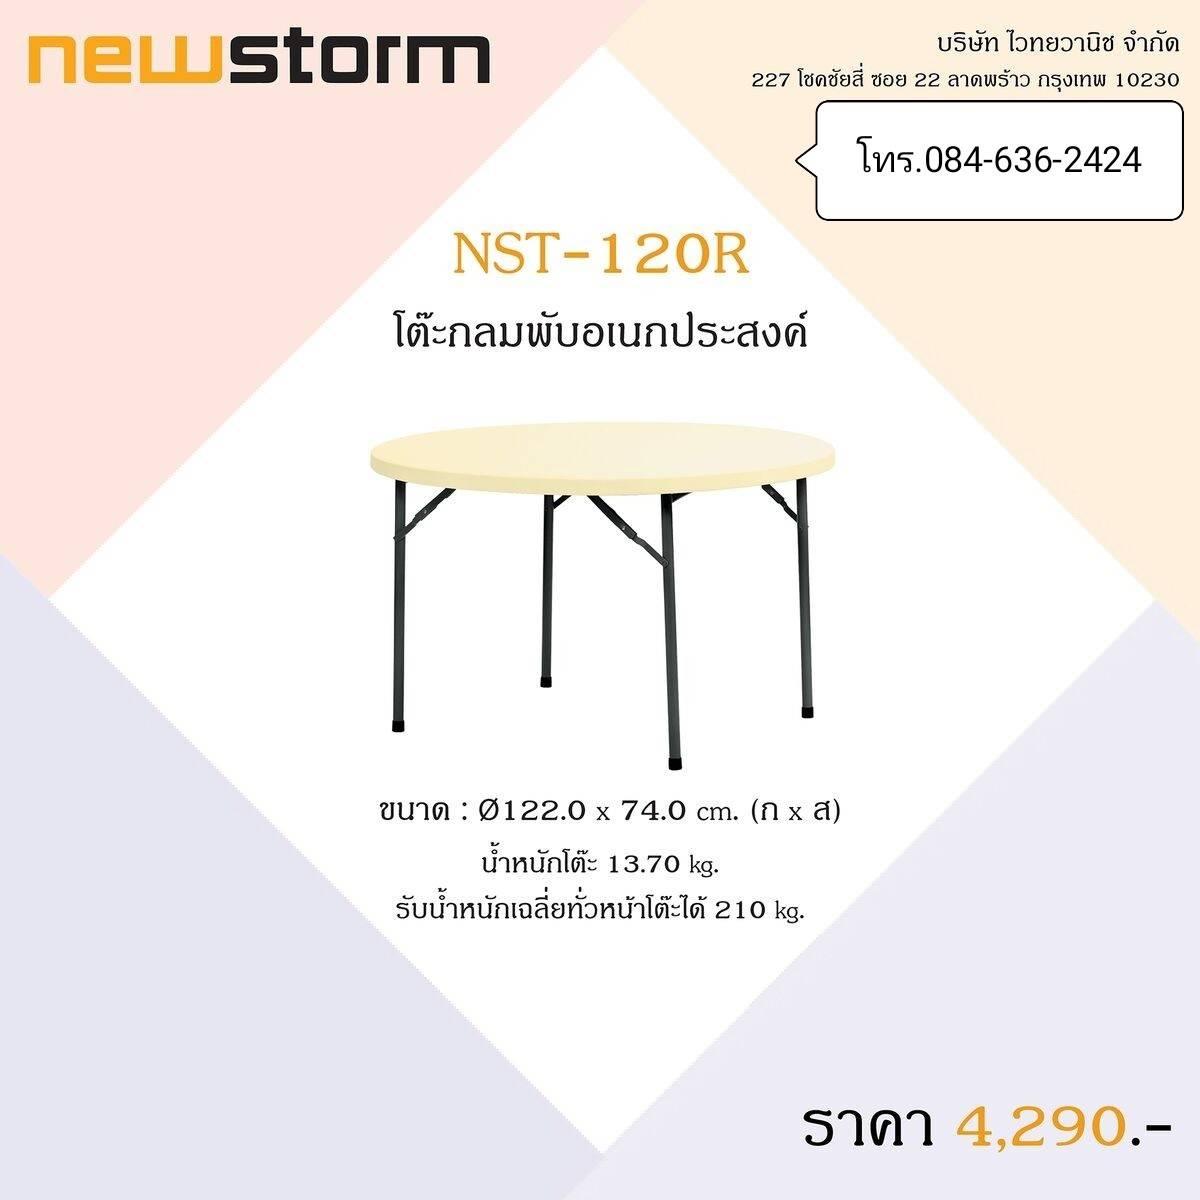 โต๊ะกลมพับอเนกประสงค์ รุ่น :  NST-120R